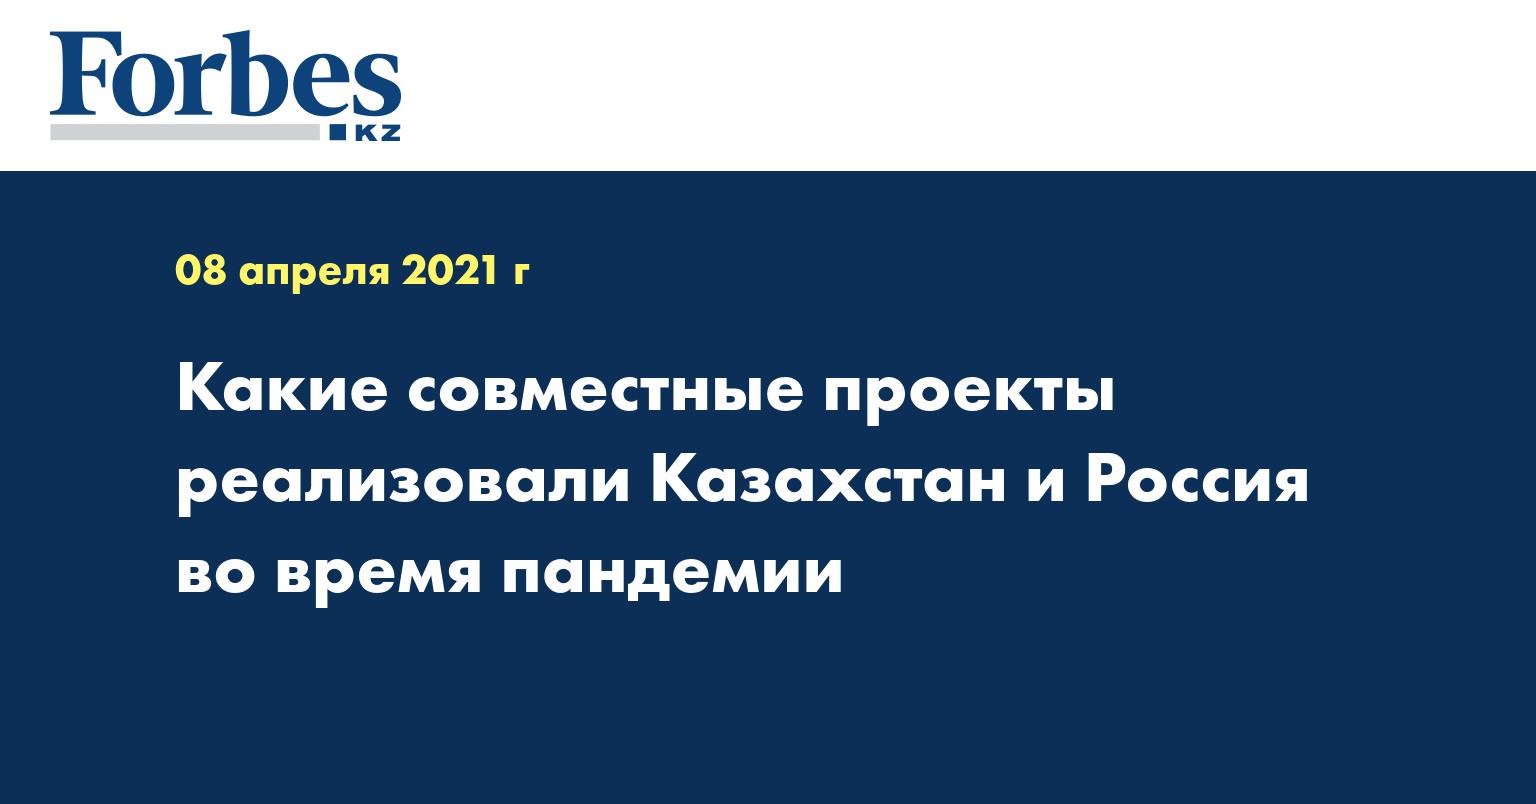 Какие совместные проекты реализовали Казахстан и Россия во время пандемии